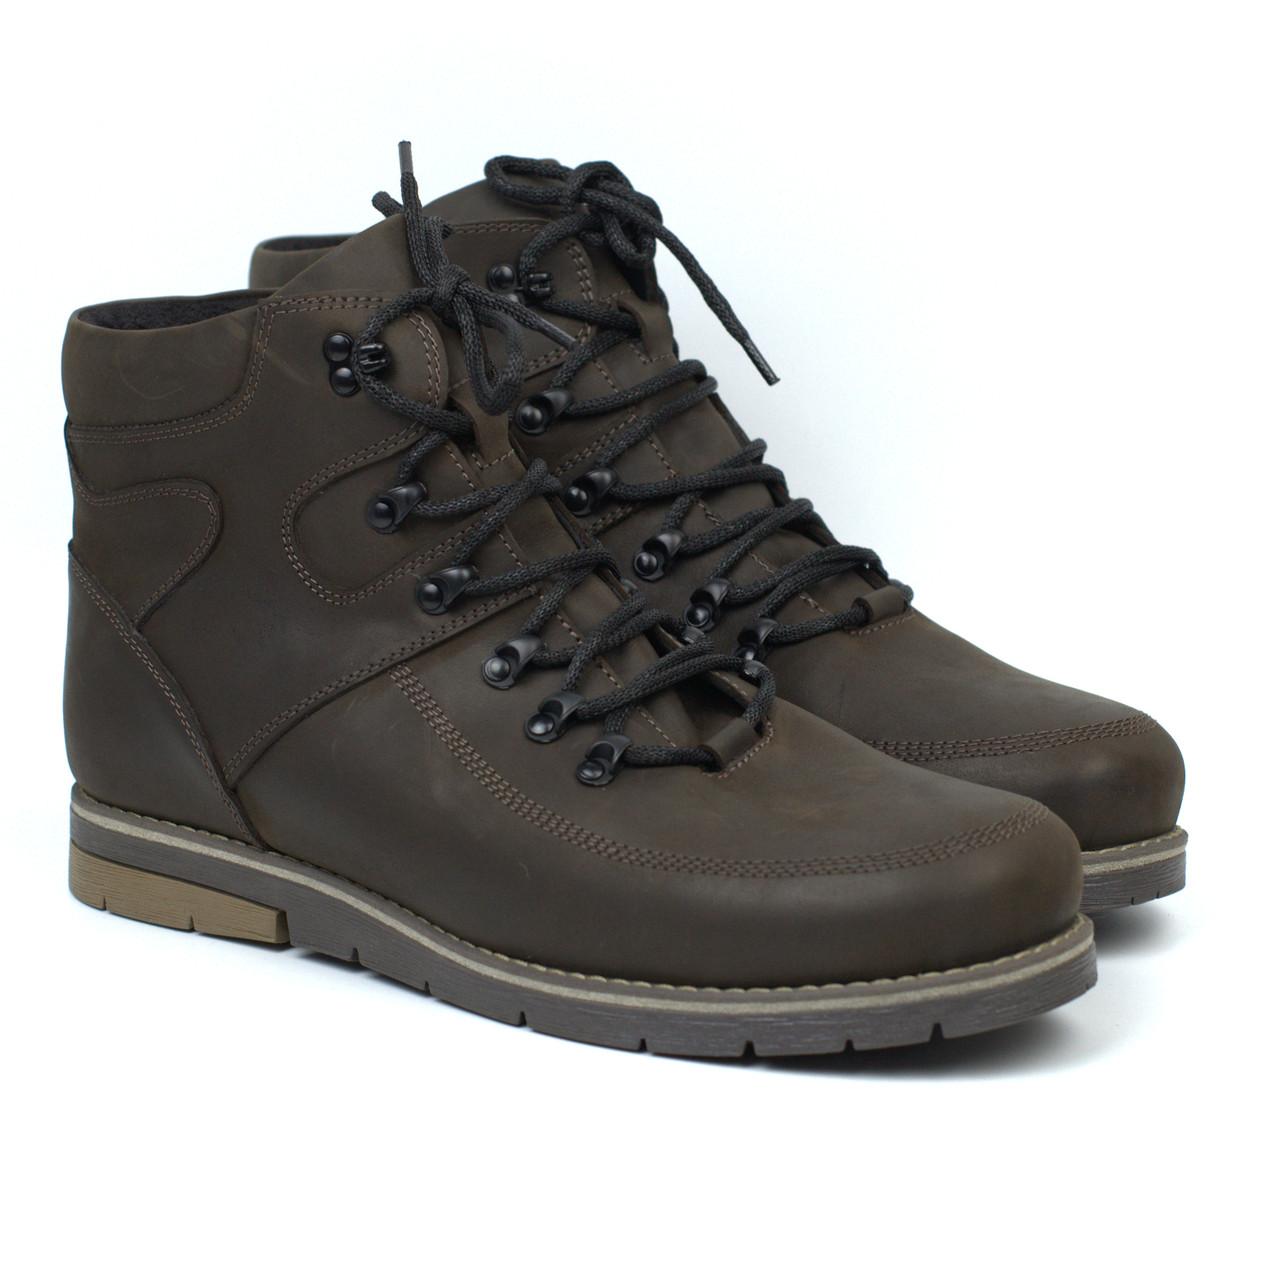 Распродажа последний 46 размер коричневые кожаные зимние мужские ботинки Rosso Avangard Major Payne Brown Craz